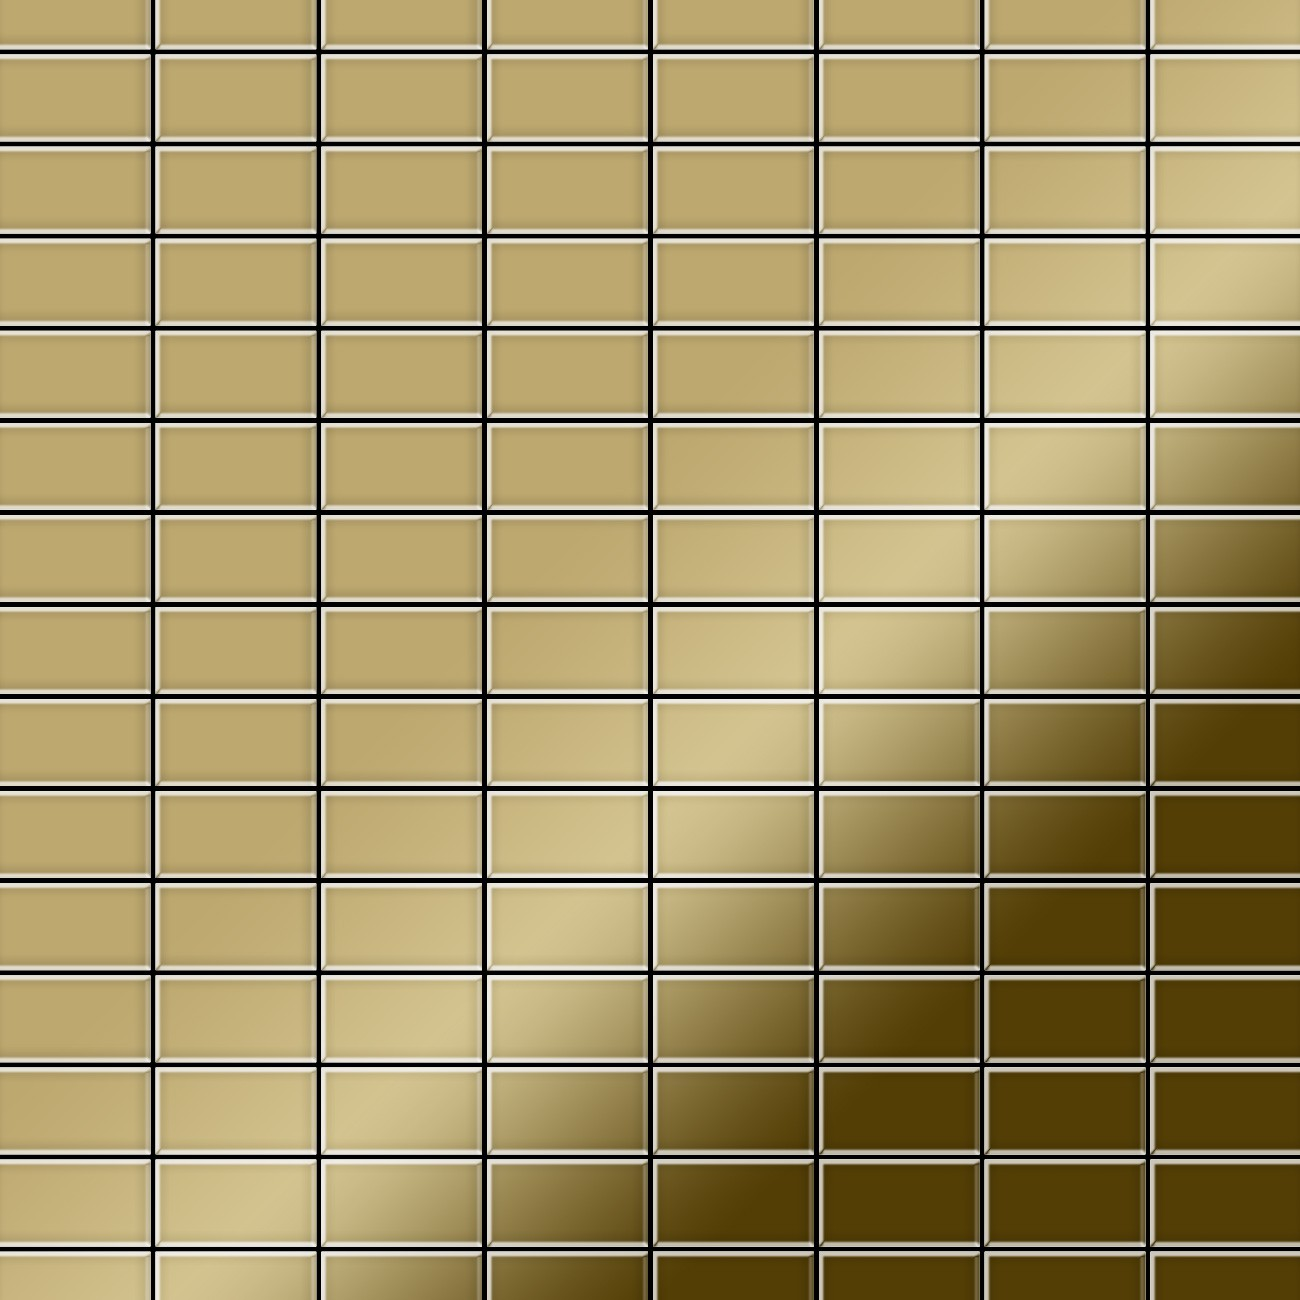 Full Size of Sockelleisten Küche Bauhaus Was Kostet Eine Vollholzküche Wandtattoos Nobilia Singleküche Lampen L Mit Kochinsel Ikea Kosten Vorhänge Nolte Waschbecken Wohnzimmer Sockelleisten Küche Bauhaus